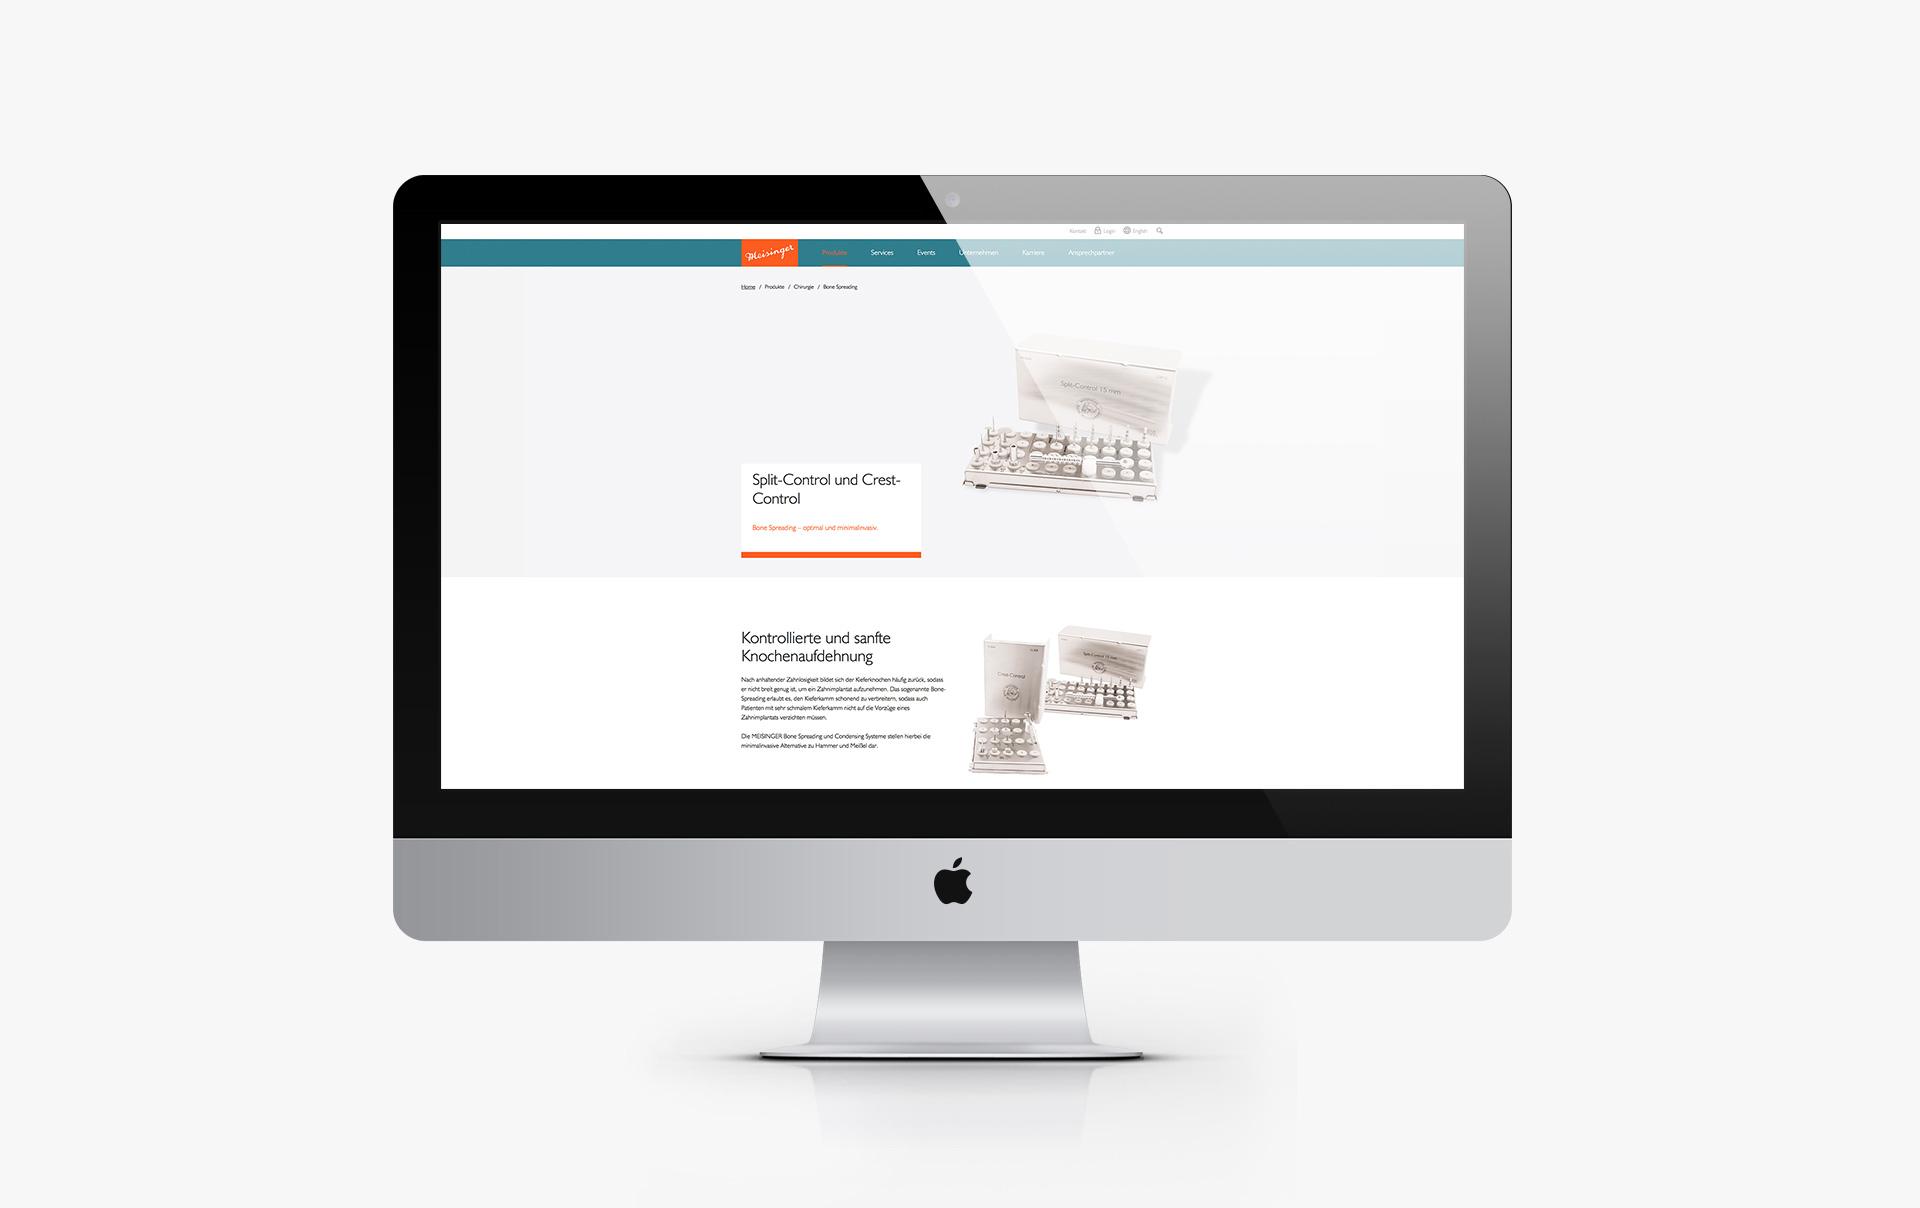 Hager & Meisinger GmbH